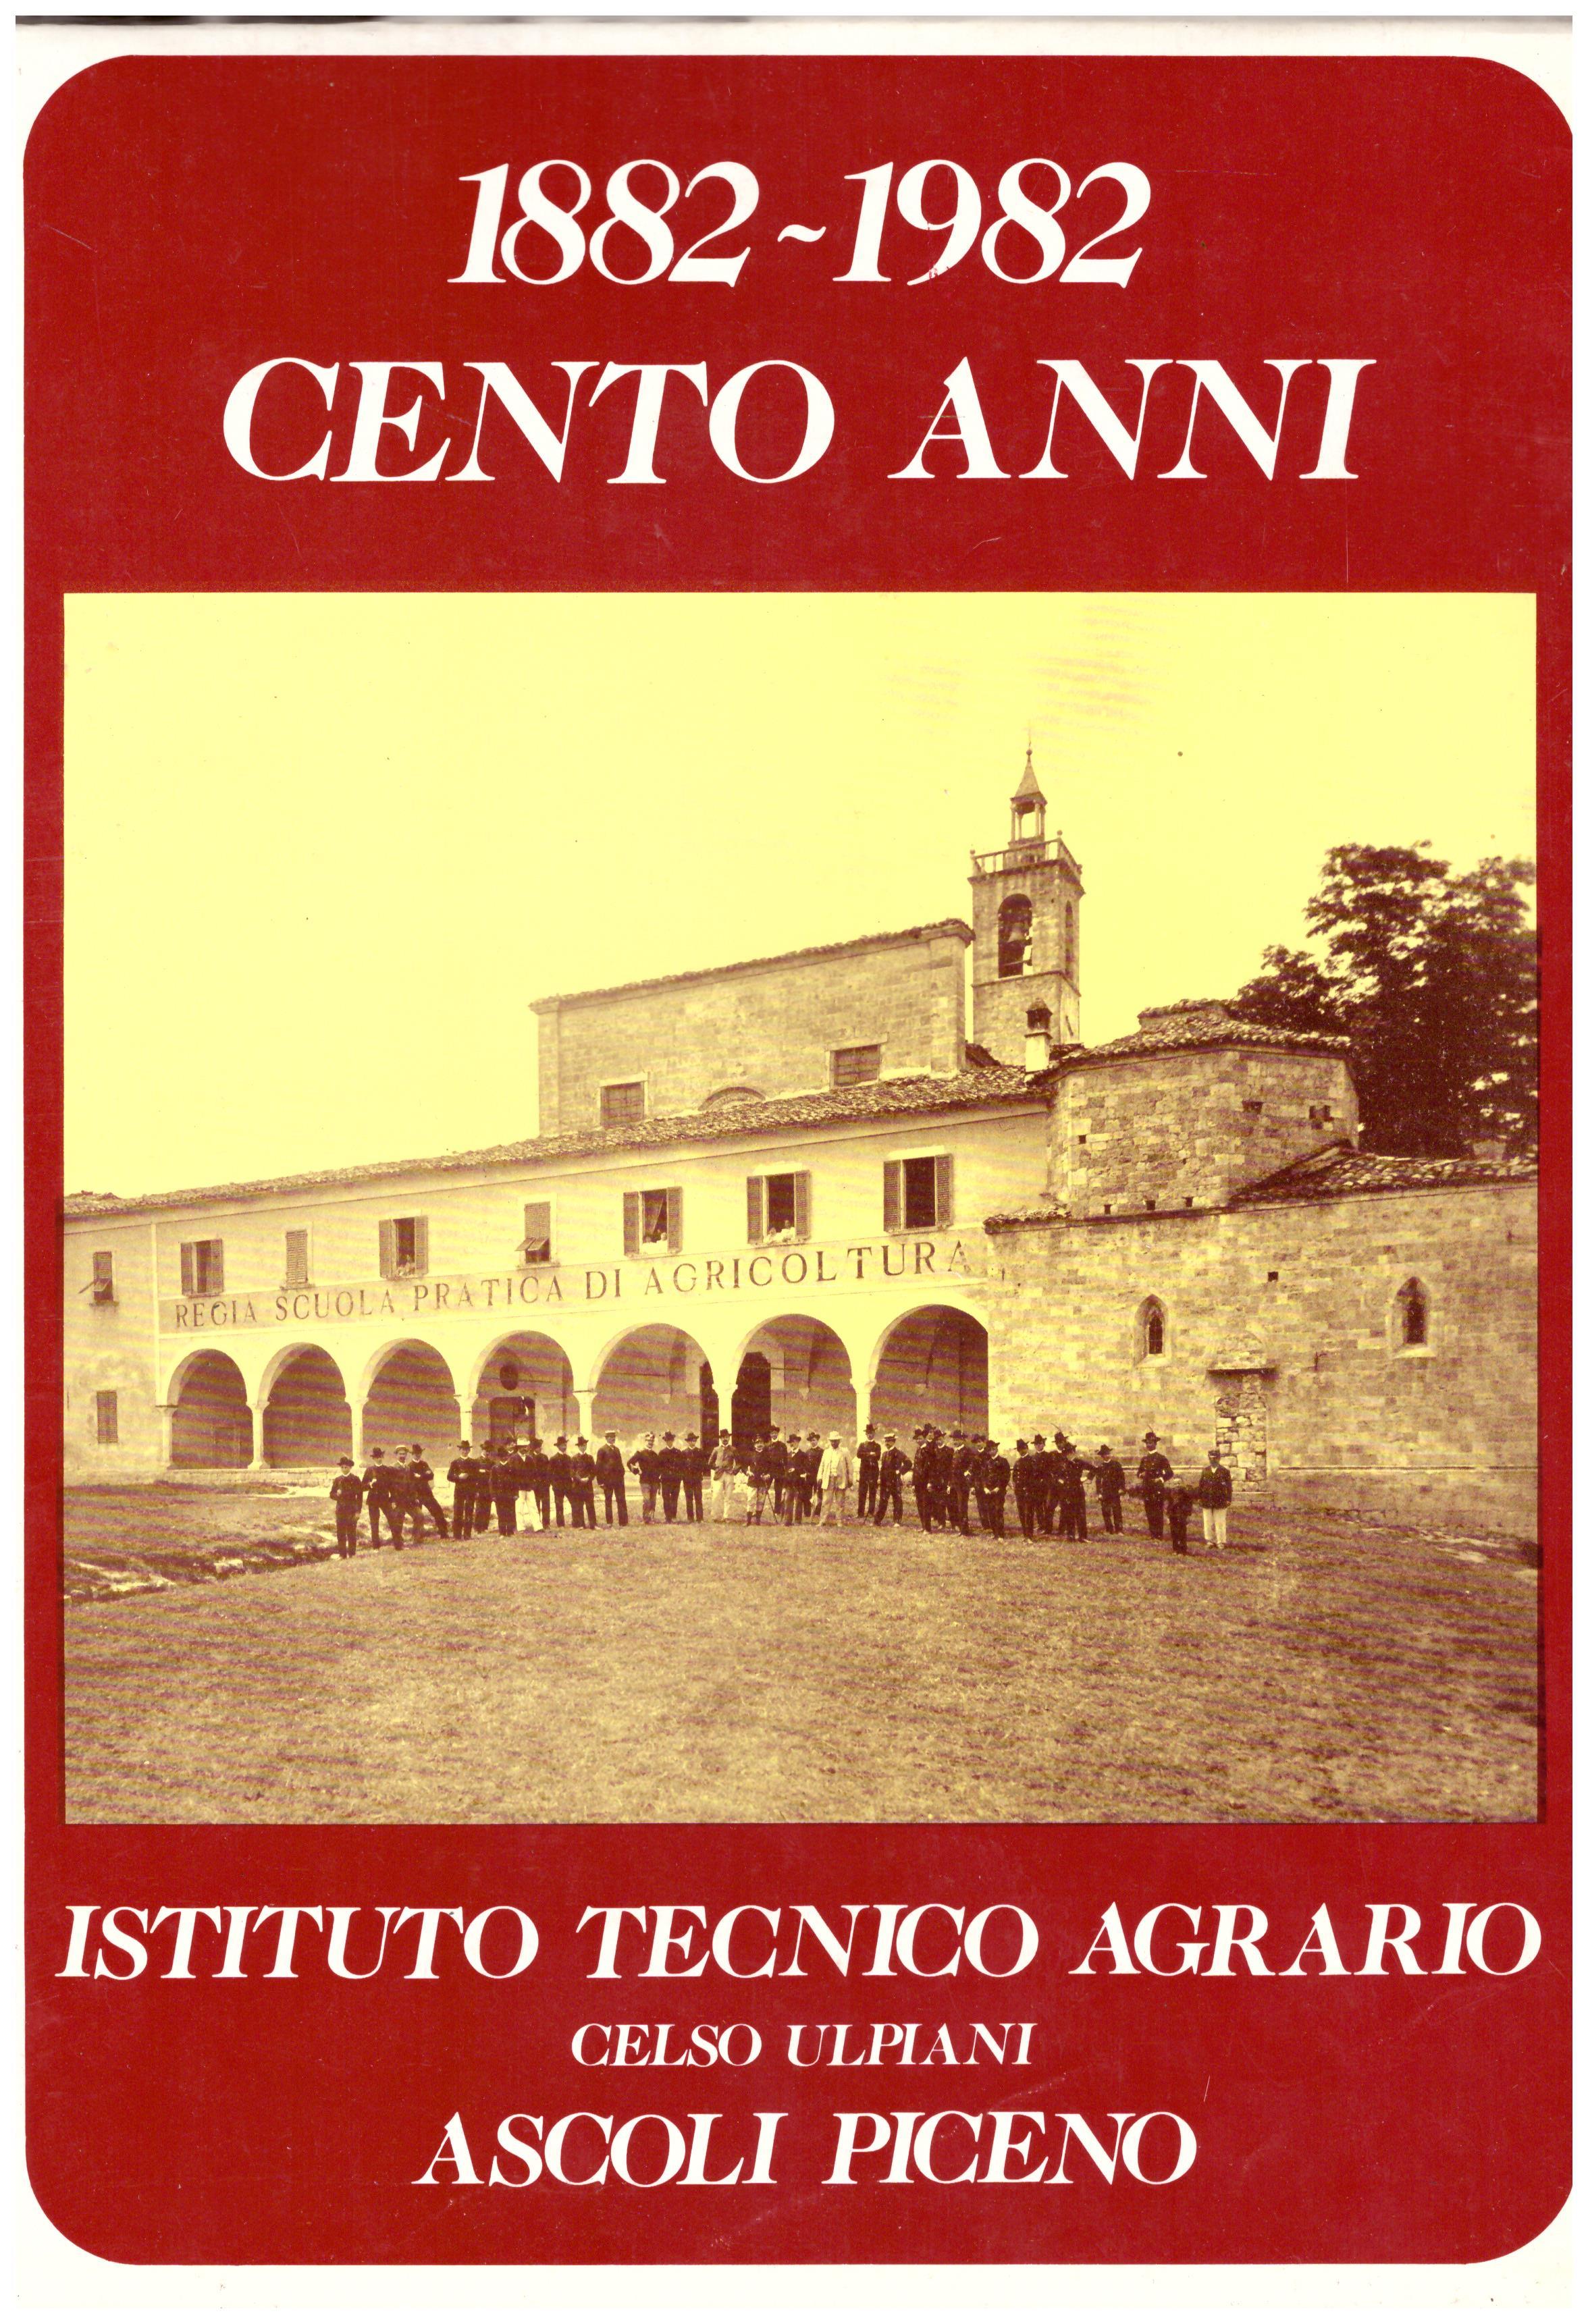 Titolo: 1882-1992 Cento anni Istituto tecnico agrario Gelso Ulpiani Ascoli Piceno Autore: AA.VV.  Editore: Stampa Cesari, 1992